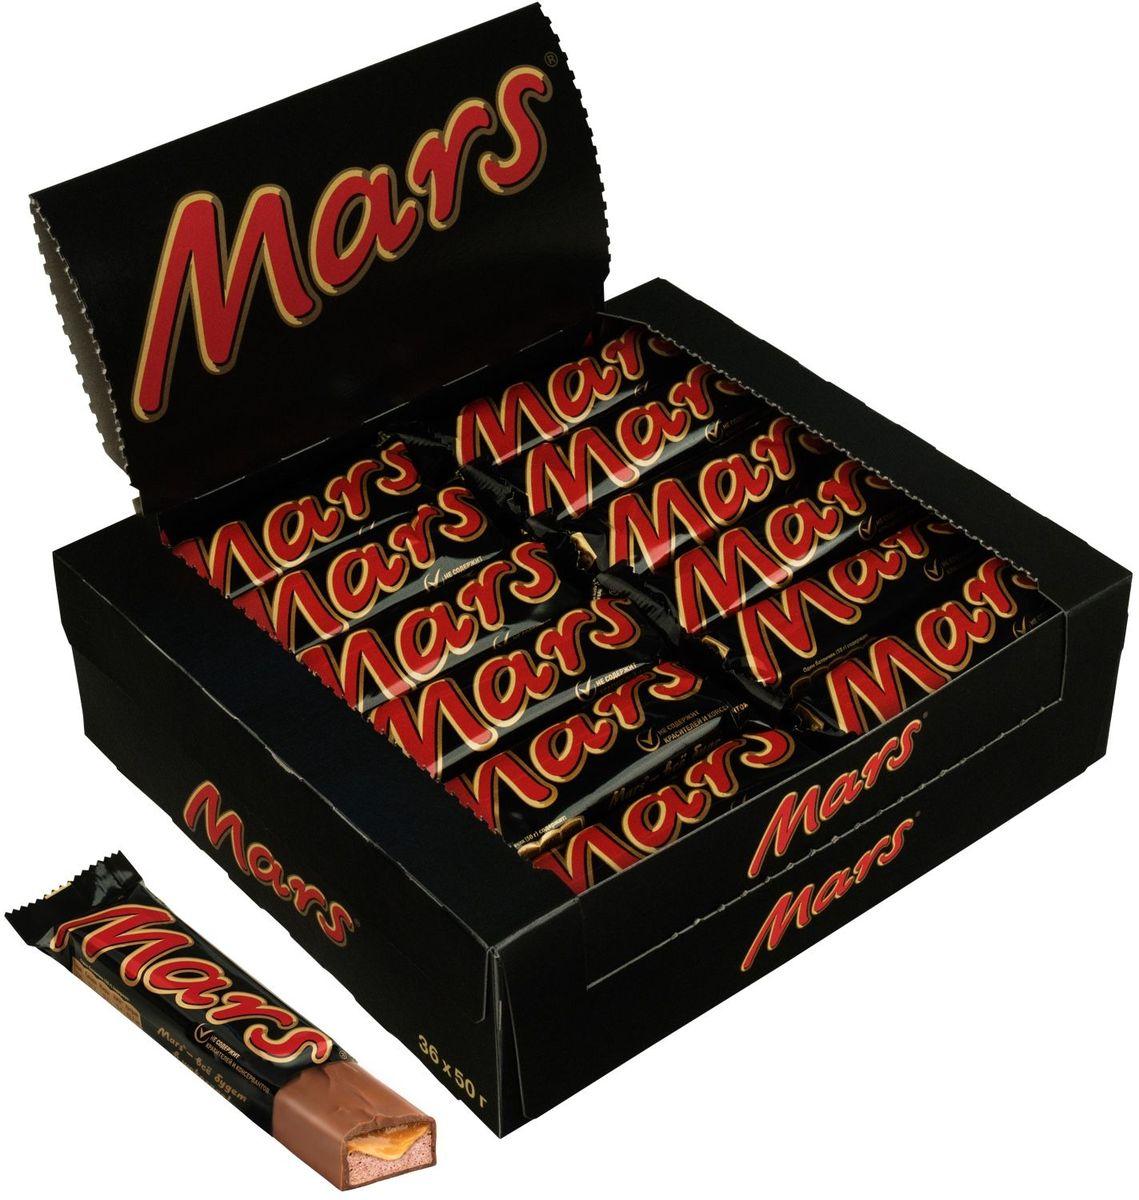 Mars шоколадный батончик, 36 шт по 50 г79009001Батончик MARS - это уникальное сочетание нуги, карамели и лучшего молочного шоколада, отличный способ перекусить с удовольствием